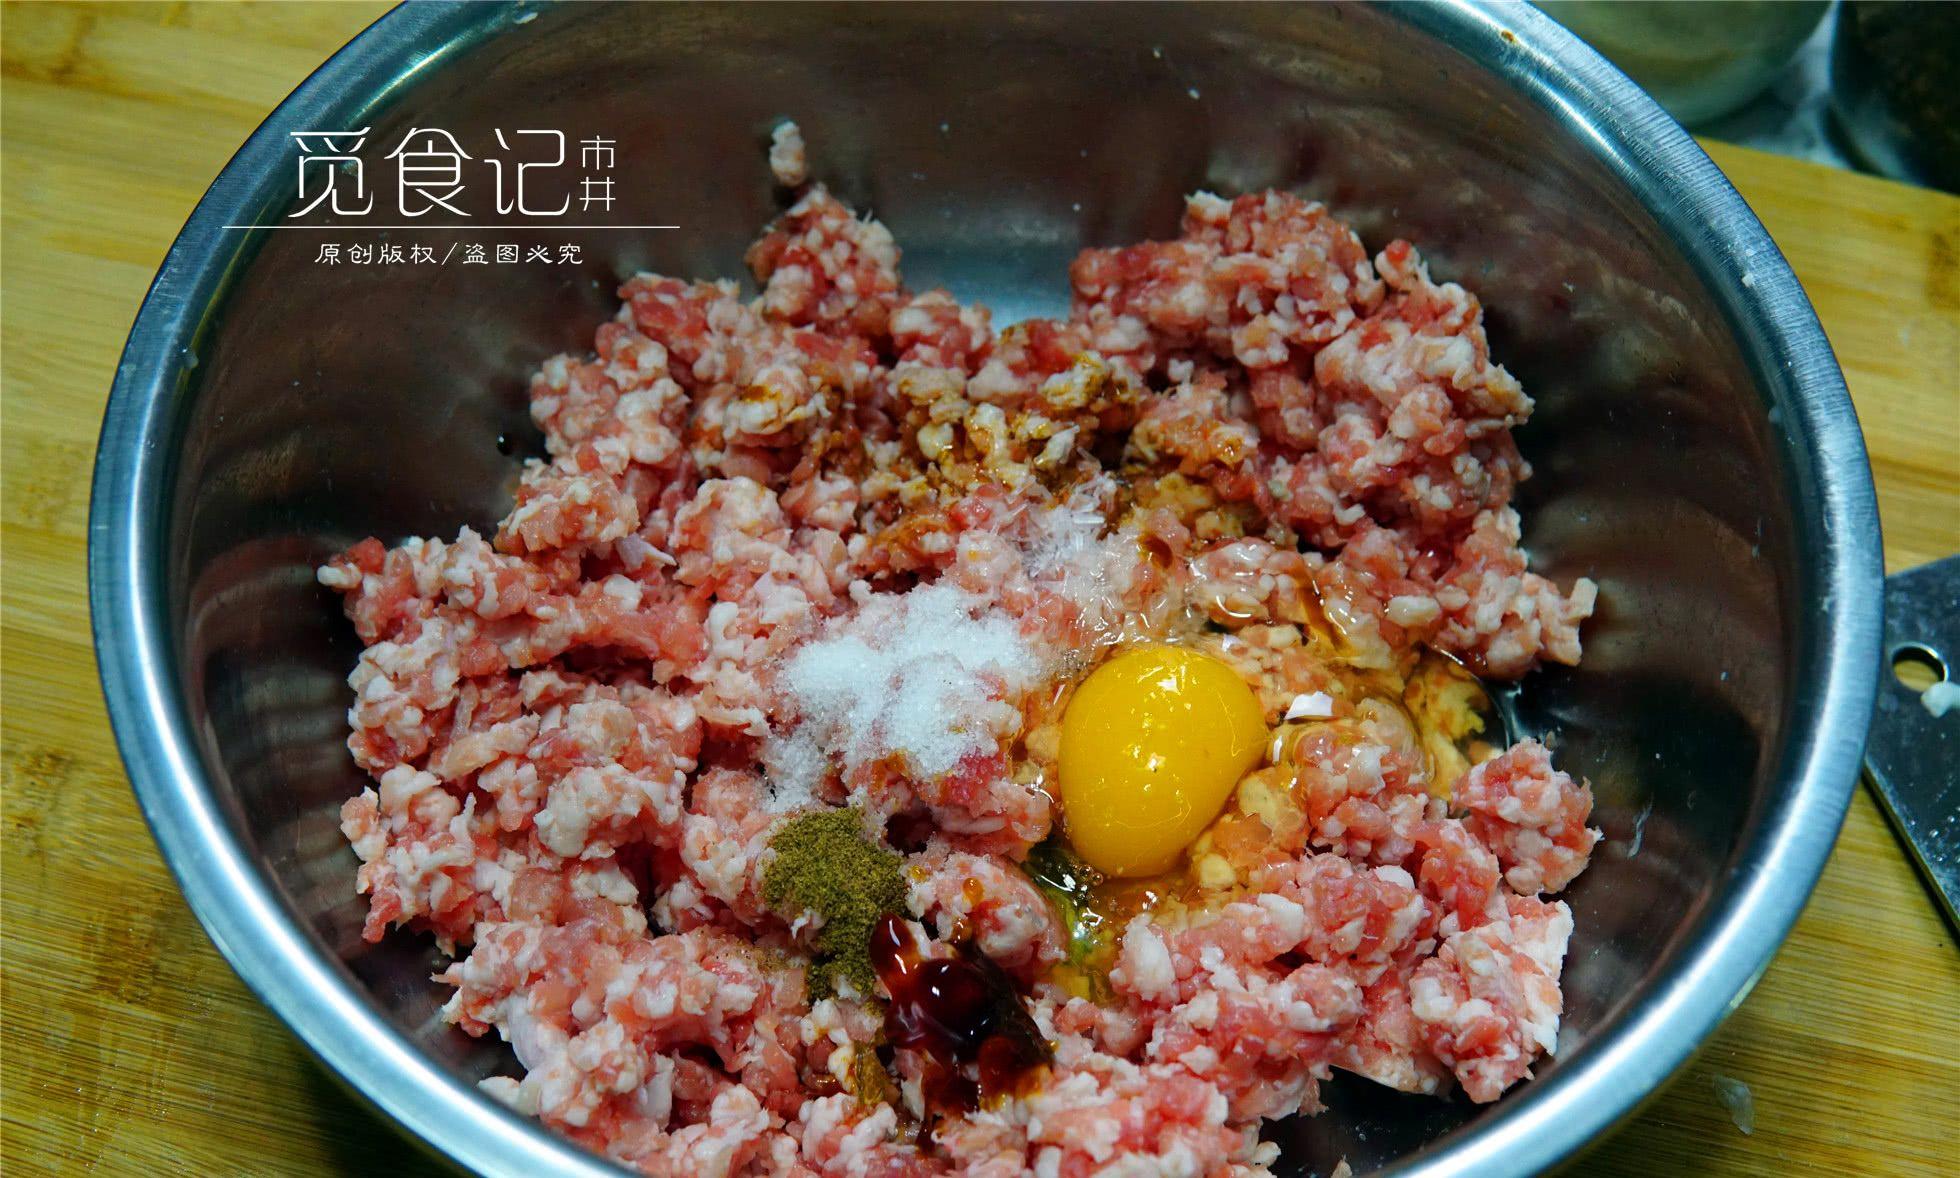 在北方,全家最受欢迎的饺子馅,吃着美,闻着香,出锅米线抢合肥有没有阿香这是图片